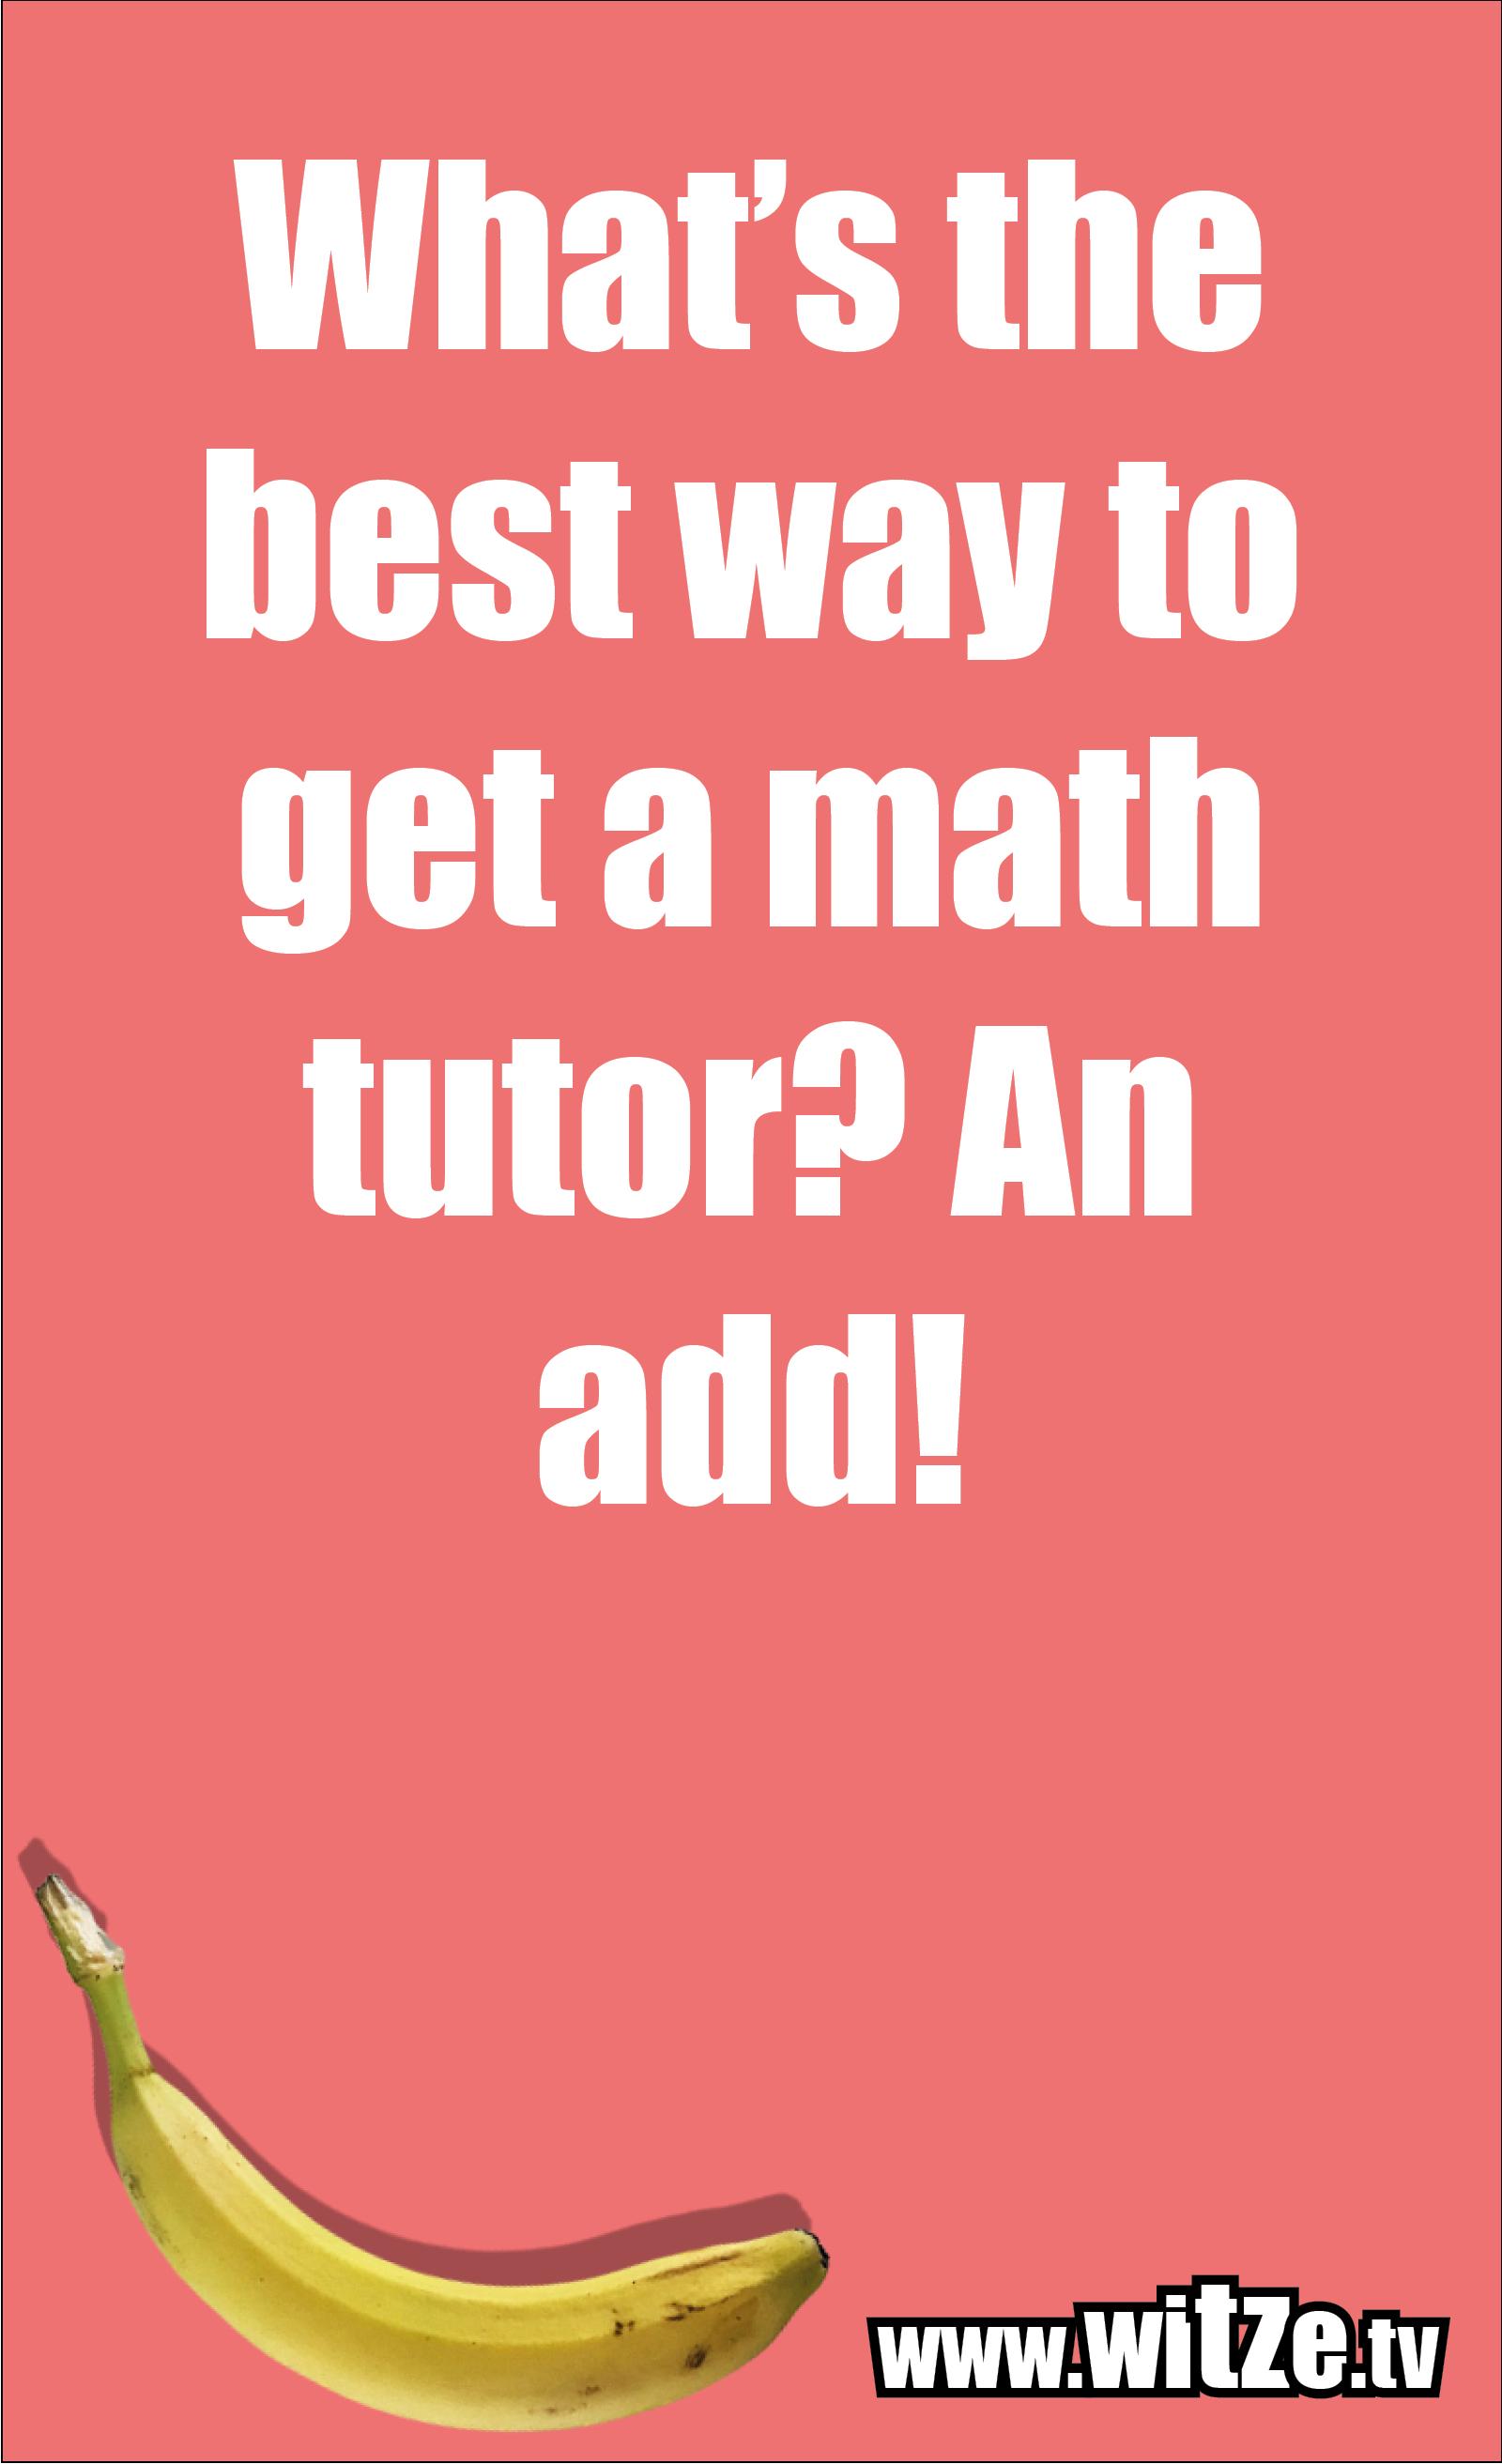 Math joke… What's the best way to get a math tutor? An add!